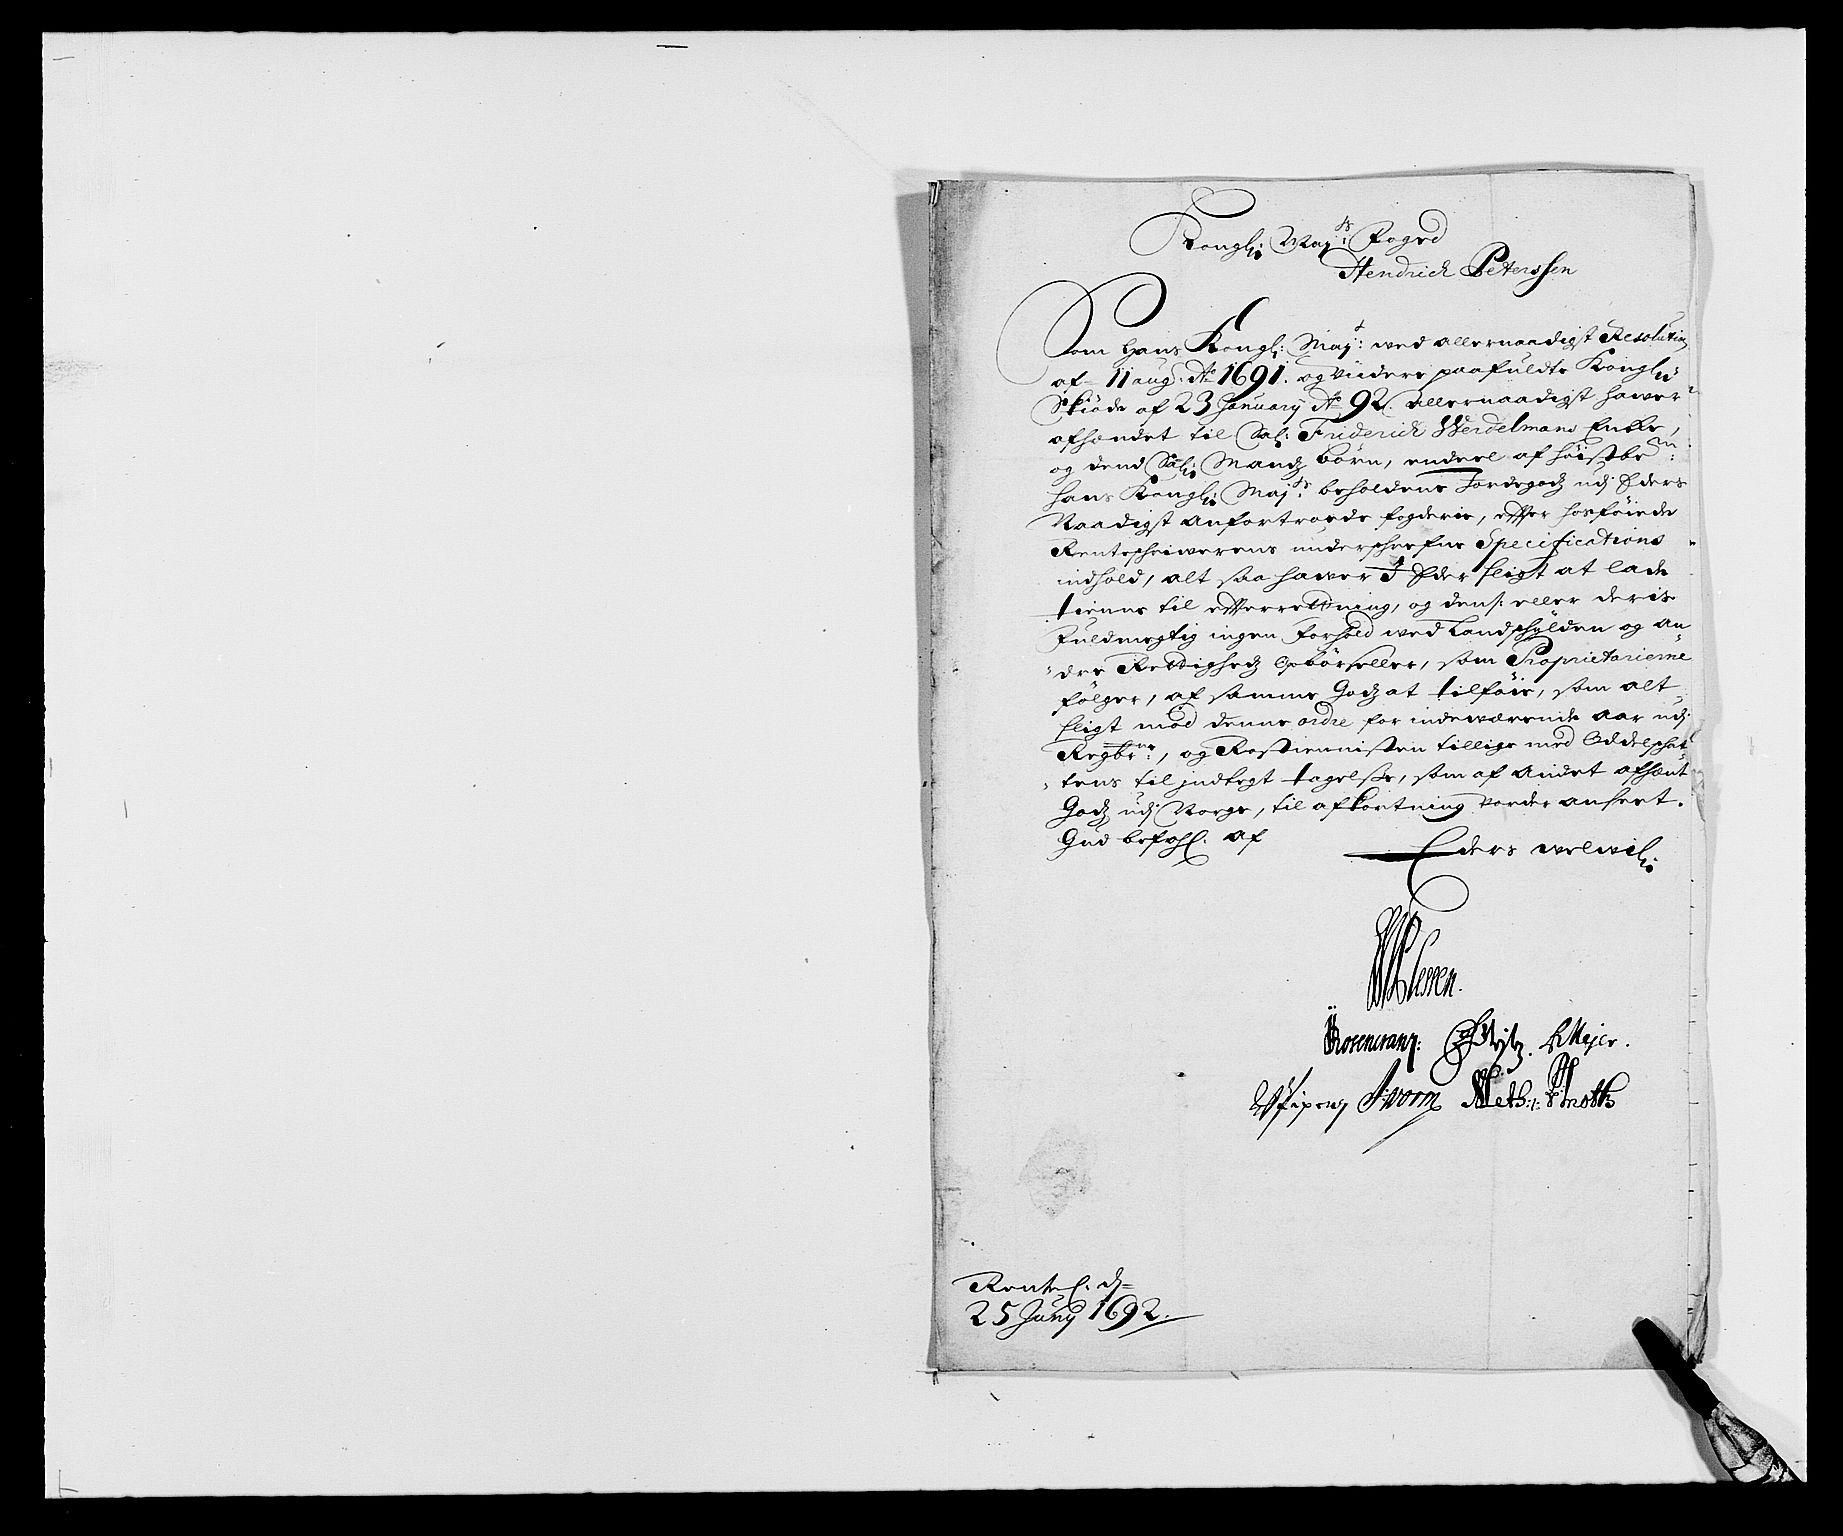 RA, Rentekammeret inntil 1814, Reviderte regnskaper, Fogderegnskap, R21/L1449: Fogderegnskap Ringerike og Hallingdal, 1690-1692, s. 1